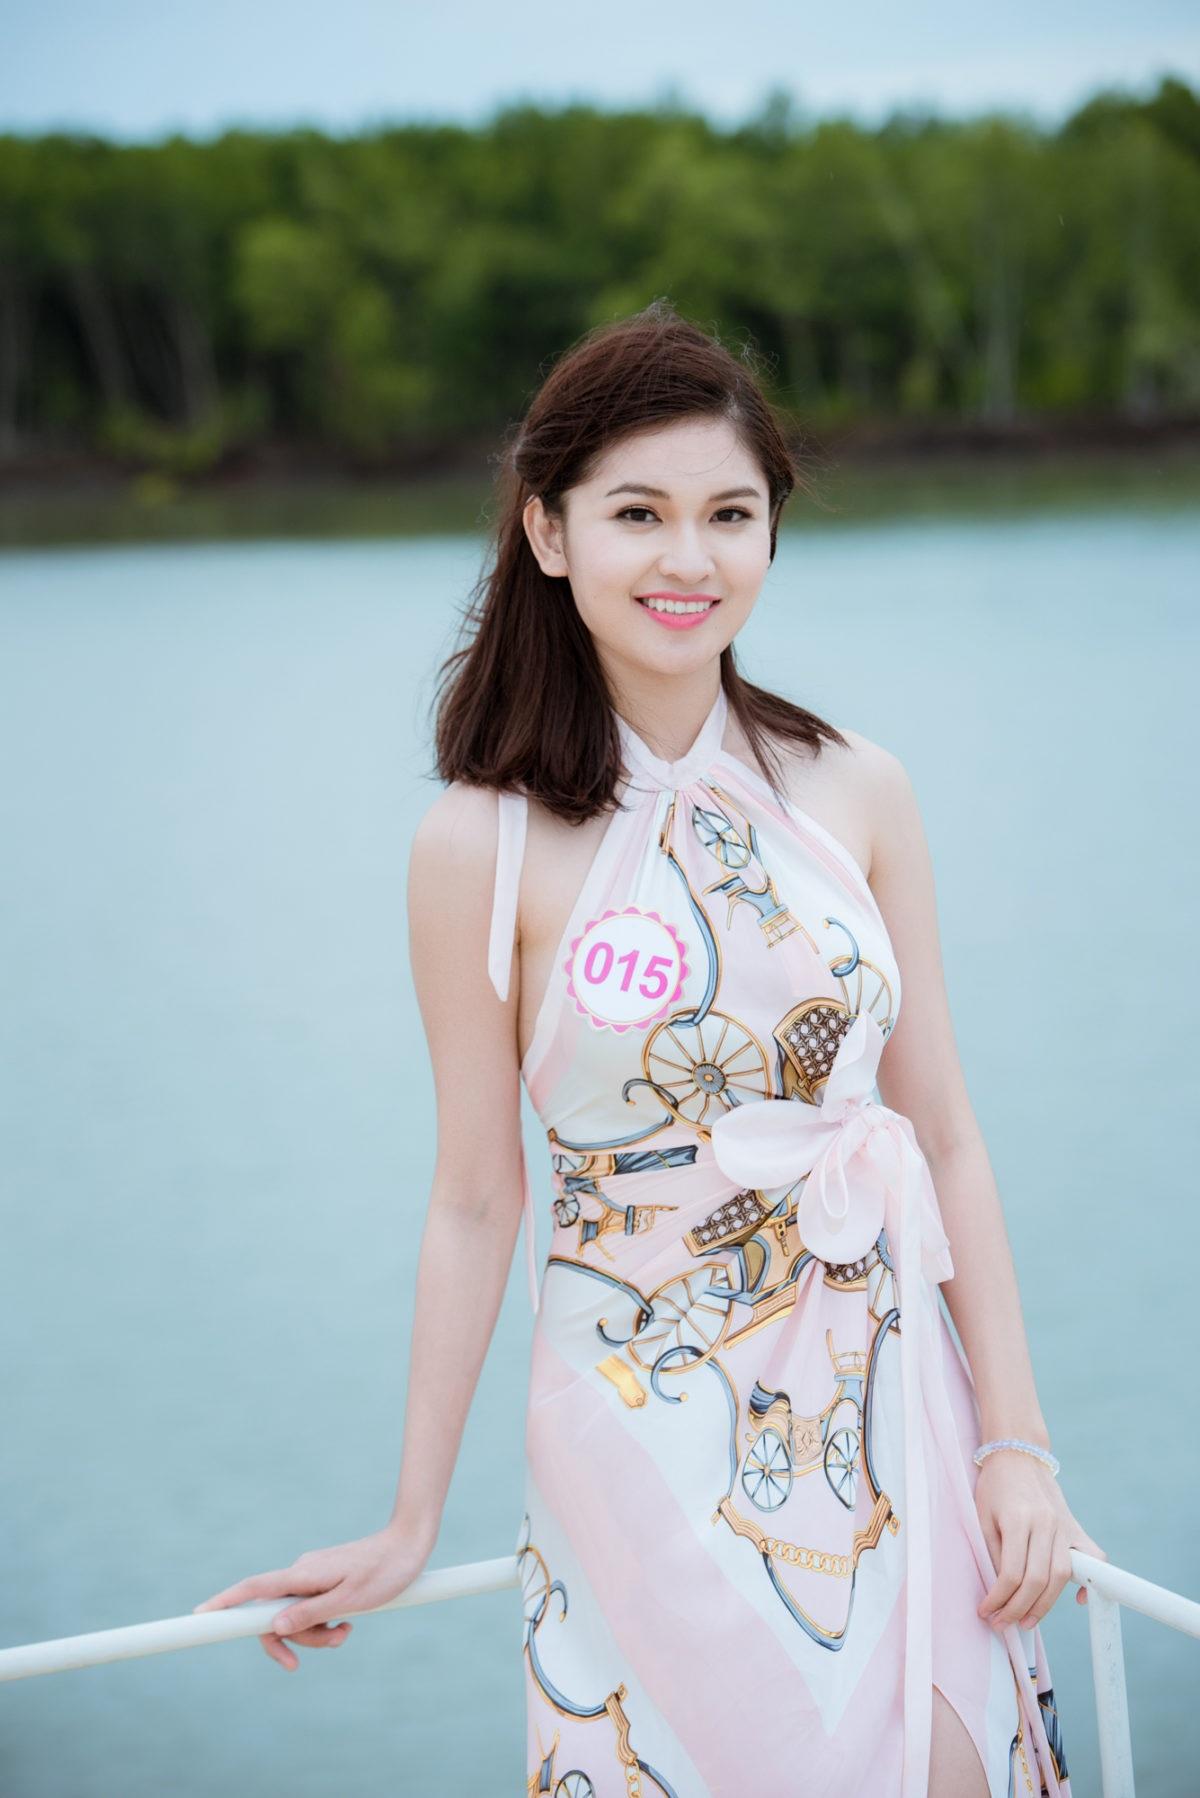 Thí sinh Hoa hậu Việt Nam 2016 gặp sự cố khi thăm đảo khỉ - 12